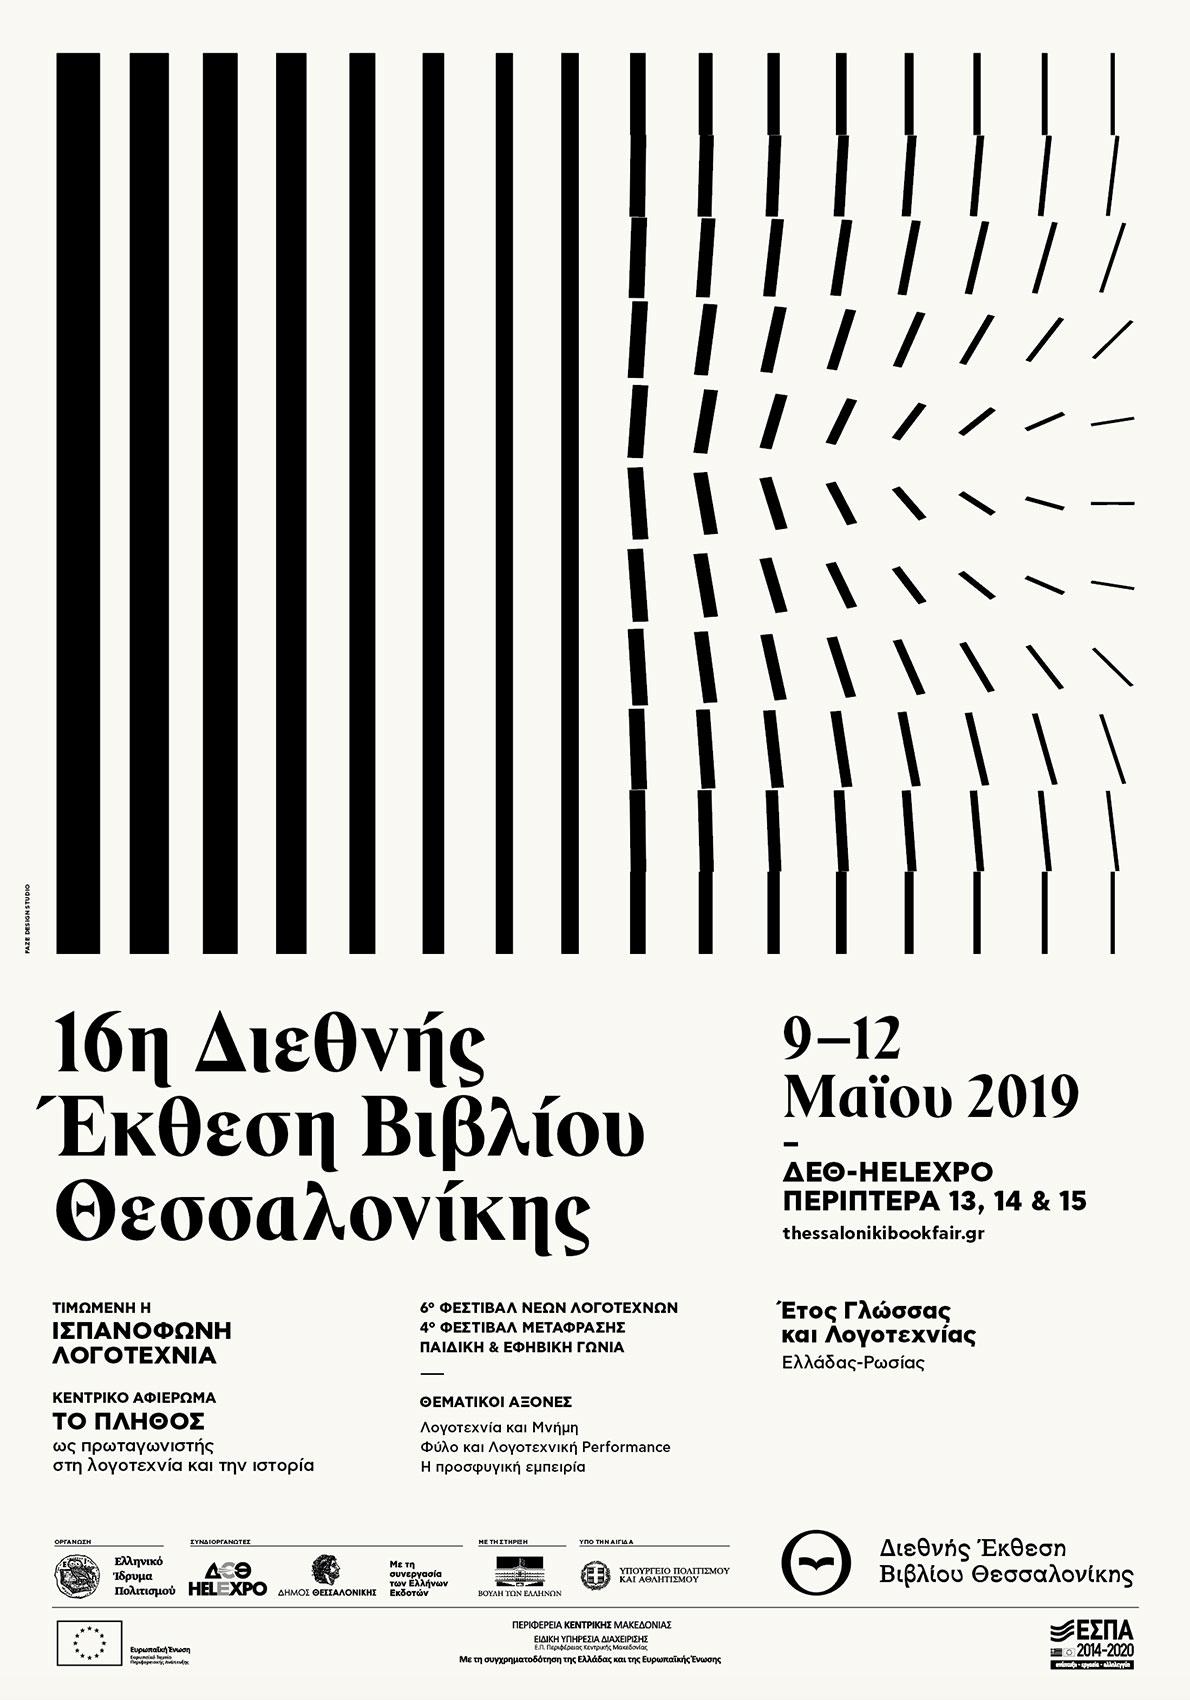 Αφίσα 16ης Διεθνούς Έκθεσης Βιβλίου Θεσσαλονίκης